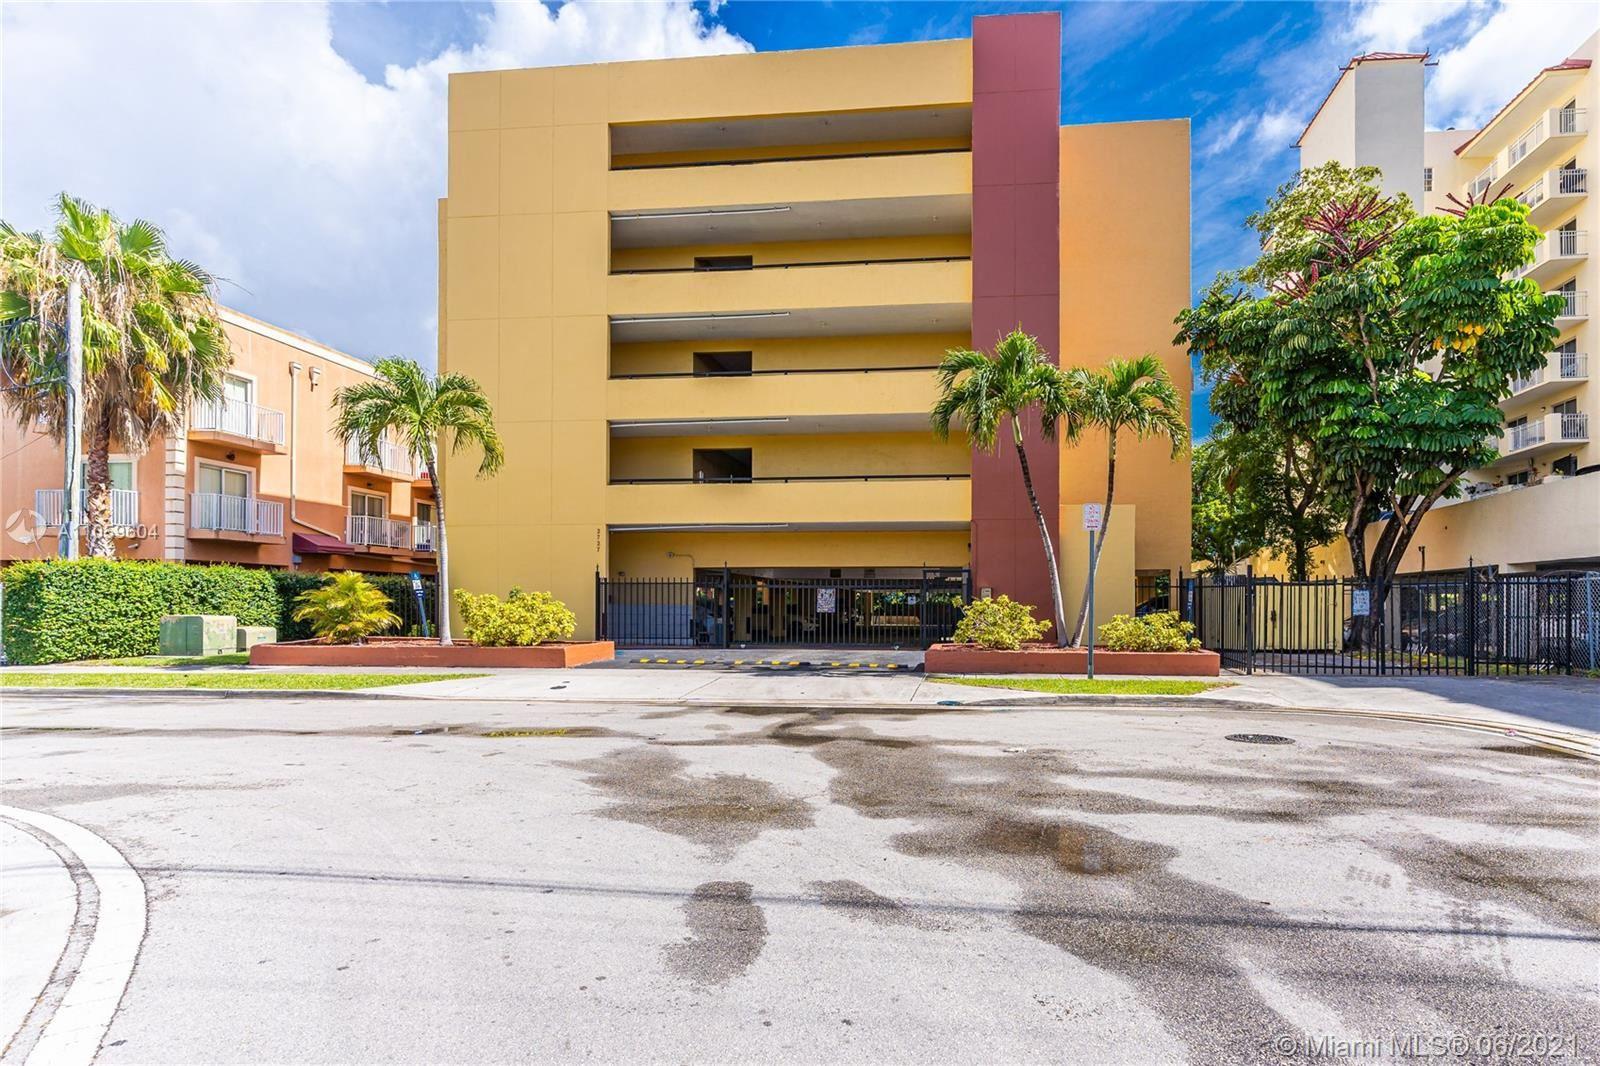 2727 NW 17th Ter #305, Miami, FL 33125 - #: A11059604